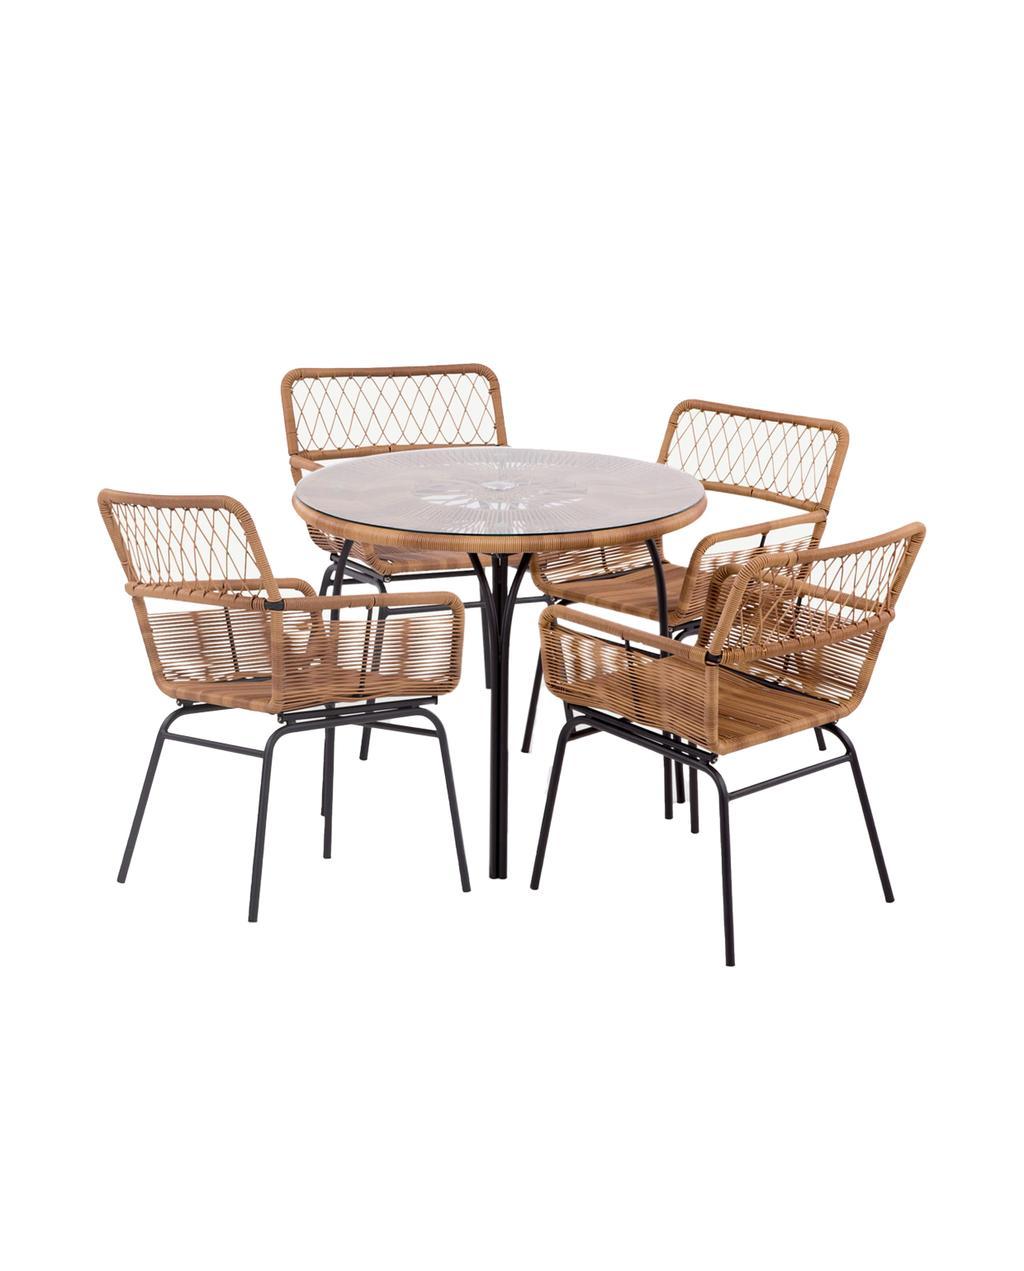 tuinset van Made met tuintafel en stoelen van Made